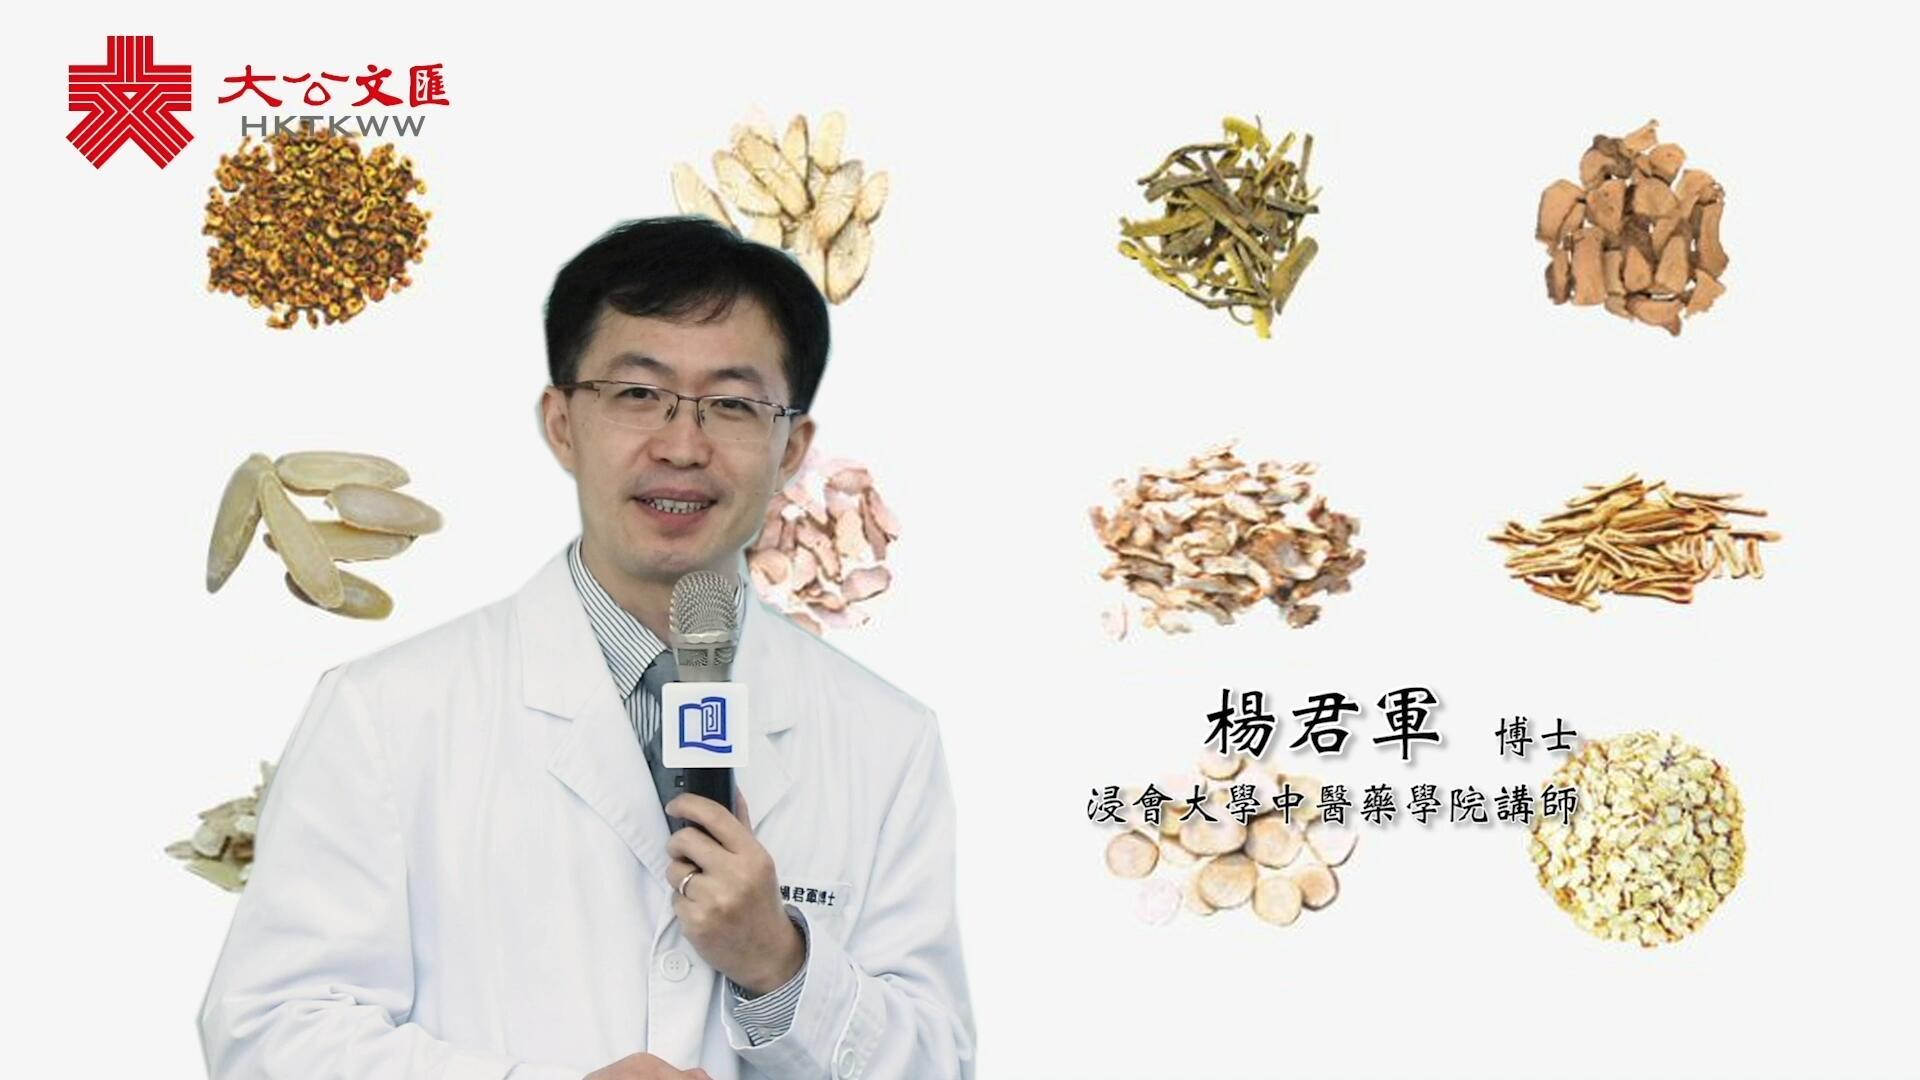 中藥調理預防冬季流感